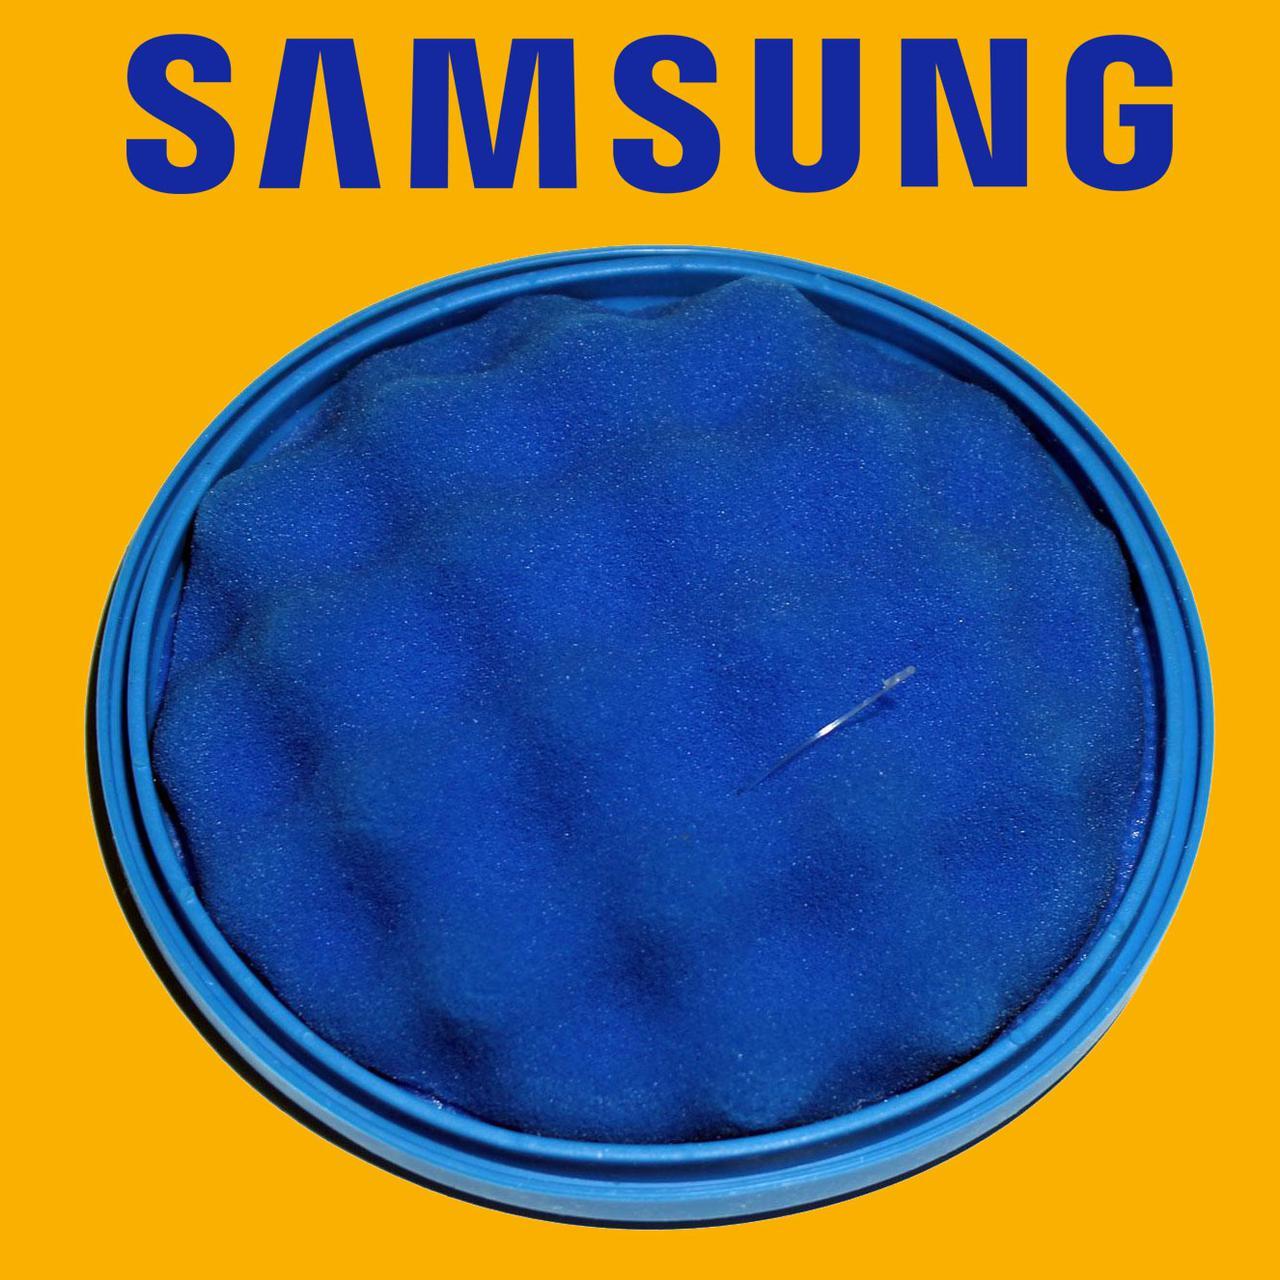 ➜ Фильтр поролоновый под колбу для пылесоса Samsung (DJ63-01285A)